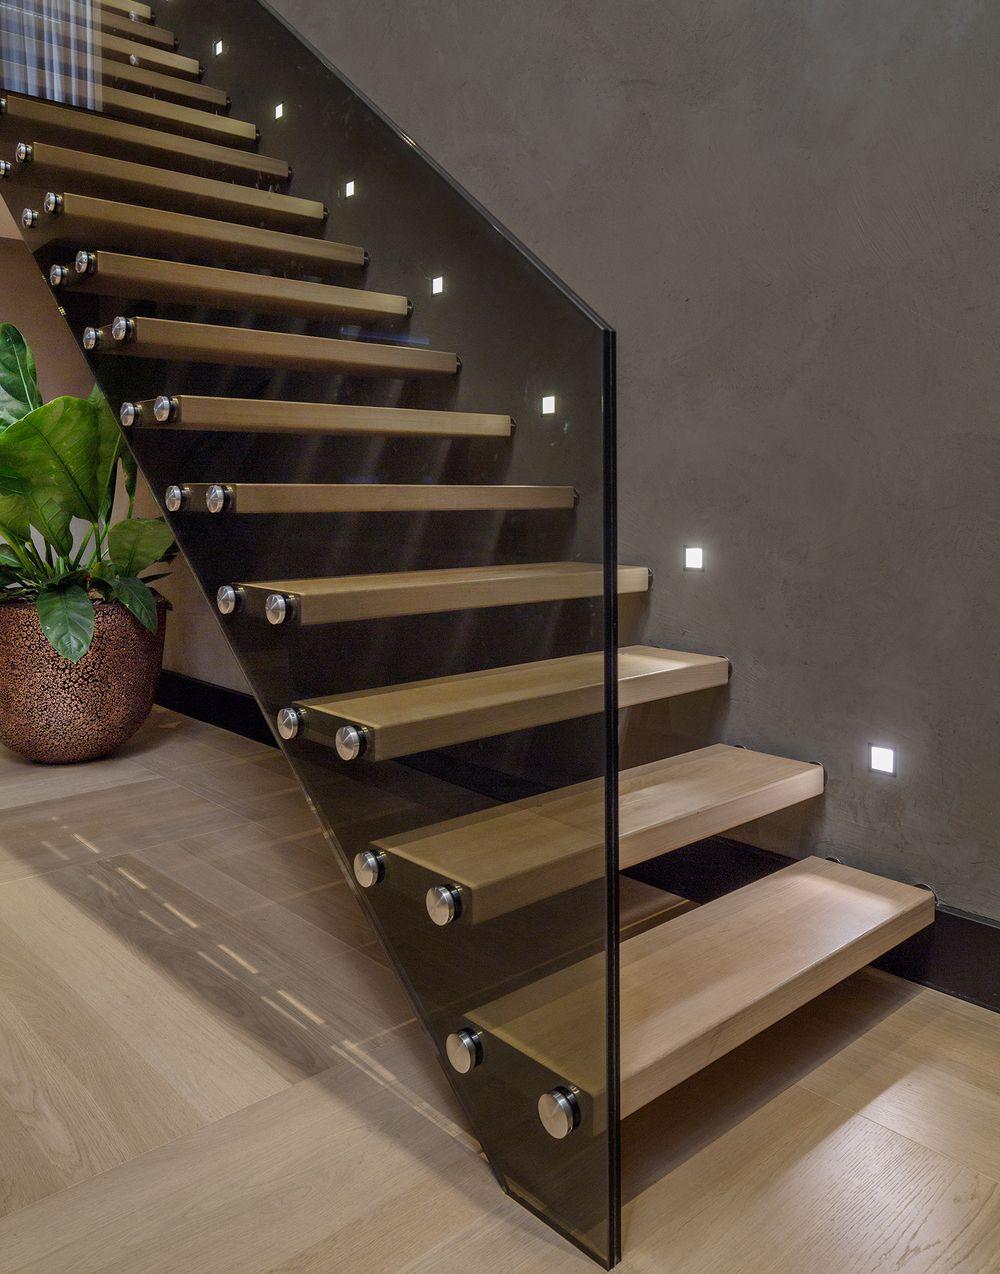 Дизайн лестницы в холле: консольные ступени